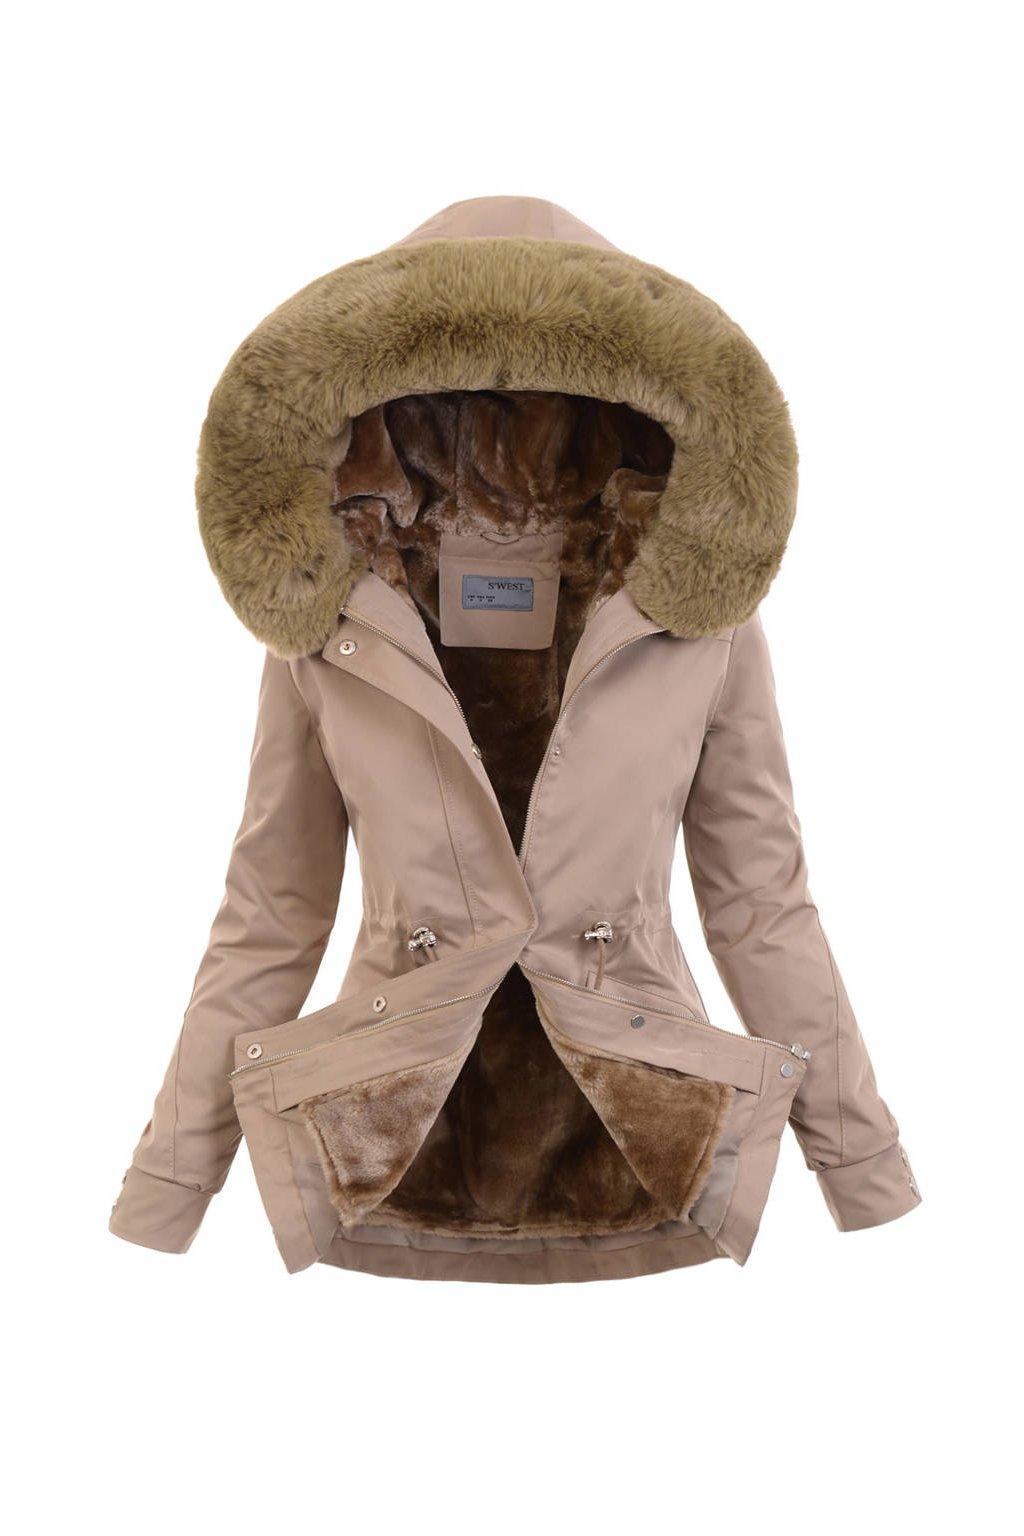 Dámska zimná bunda parka 2v1 6104 béžová